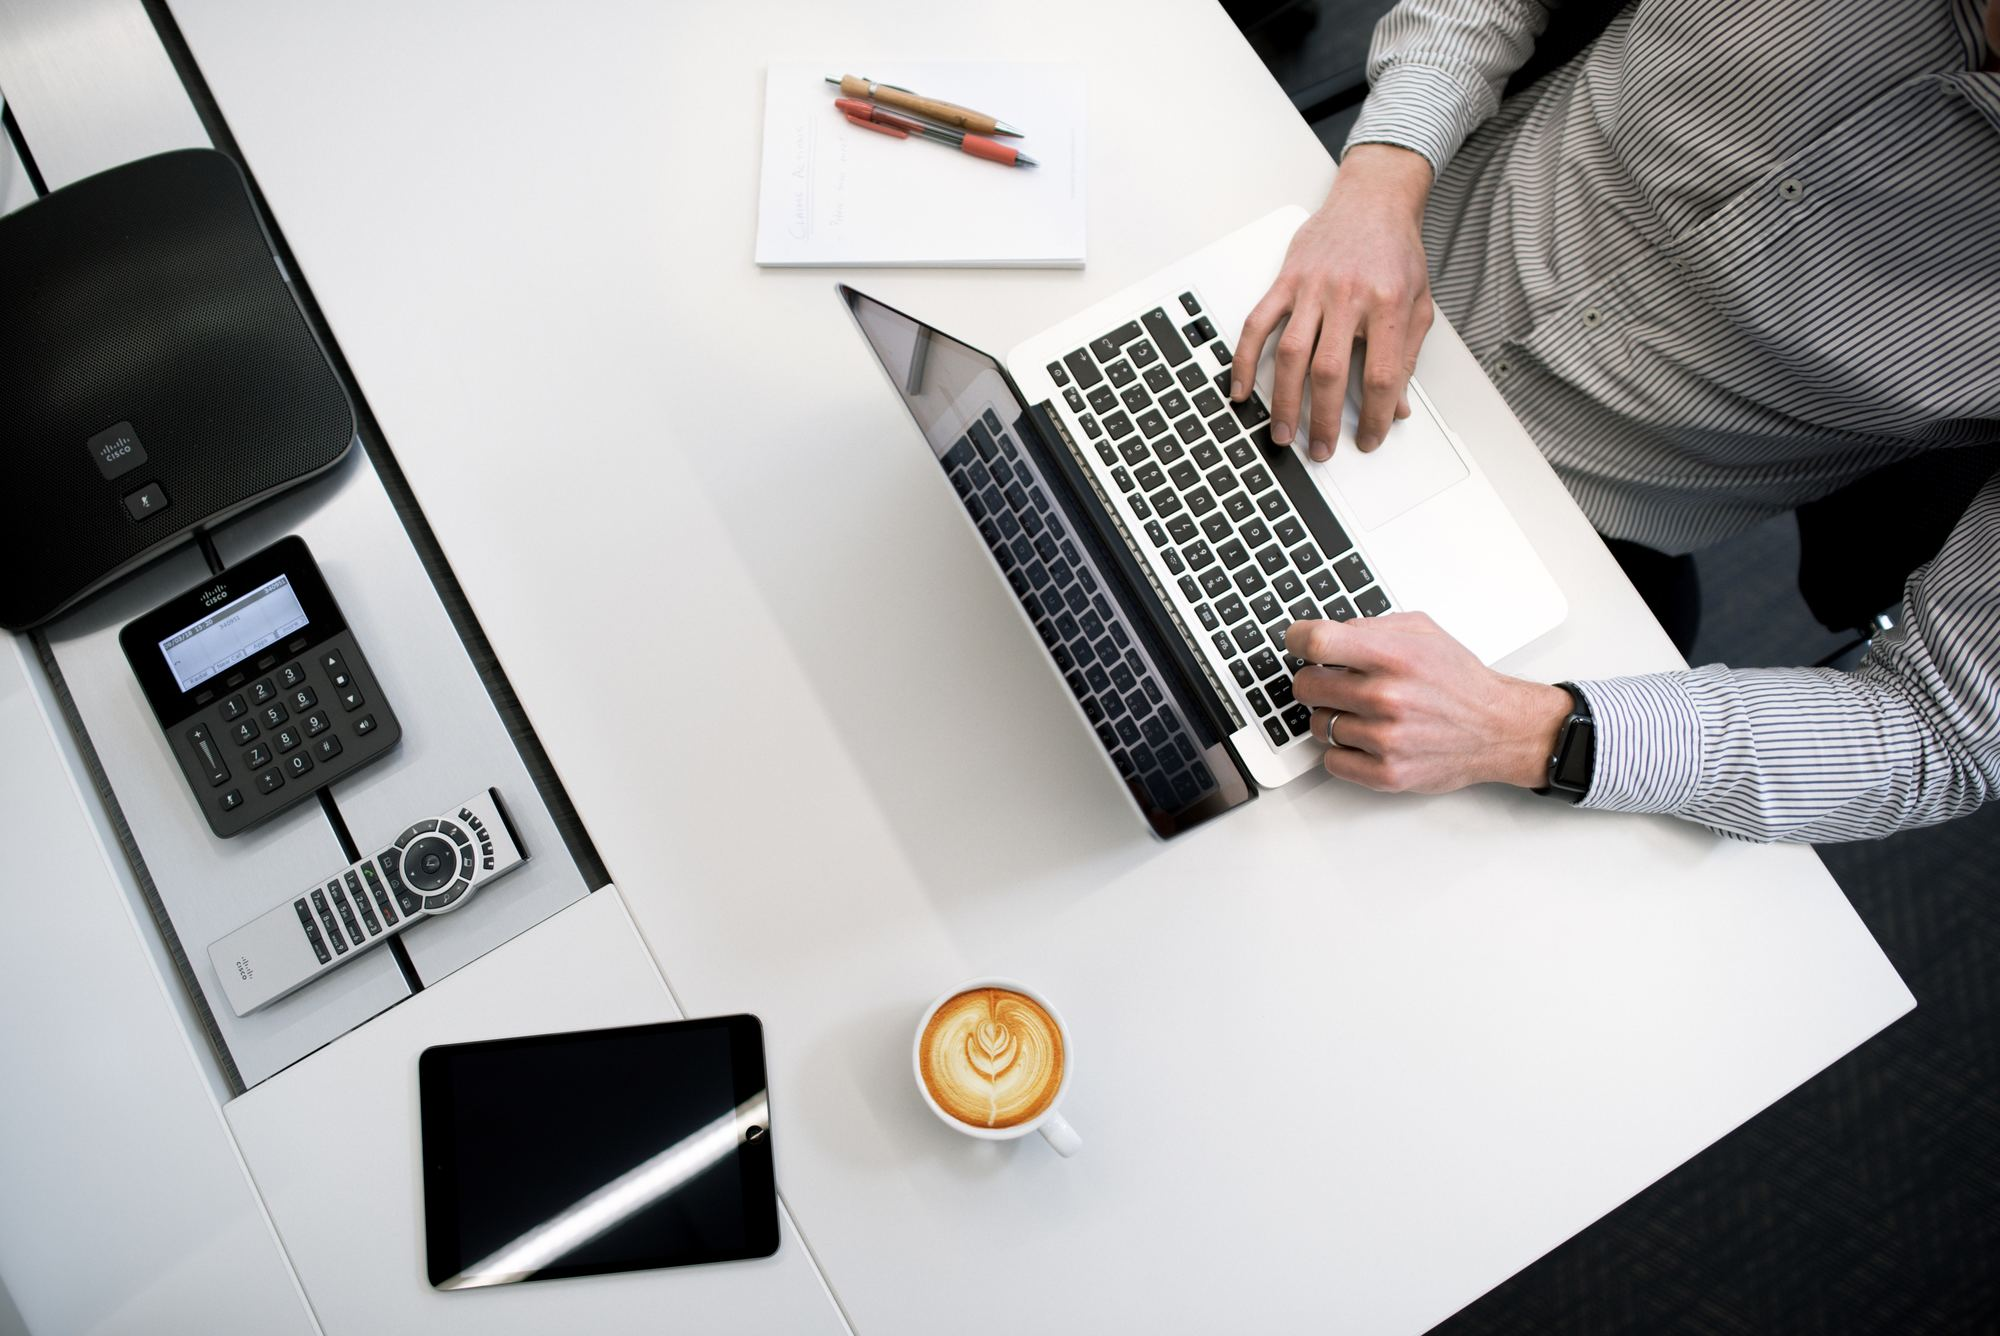 Software agenda in cloud: come semplificare le tue attività